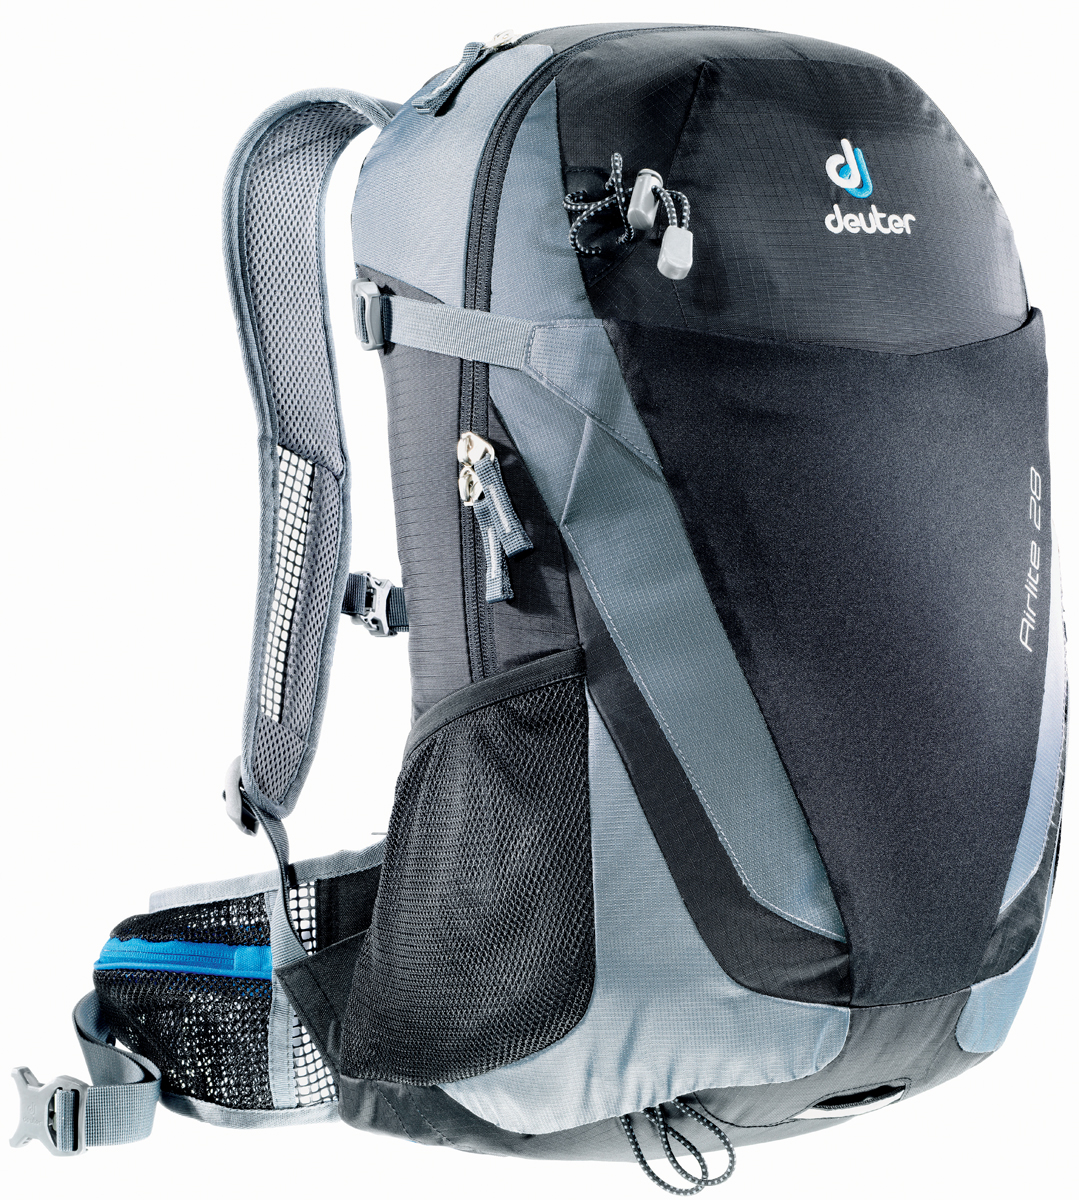 Рюкзак туристический Deuter Airlite, цвет: серый, черный, 28 л рюкзак deuter deuter snowtour 26 темно серый 26л